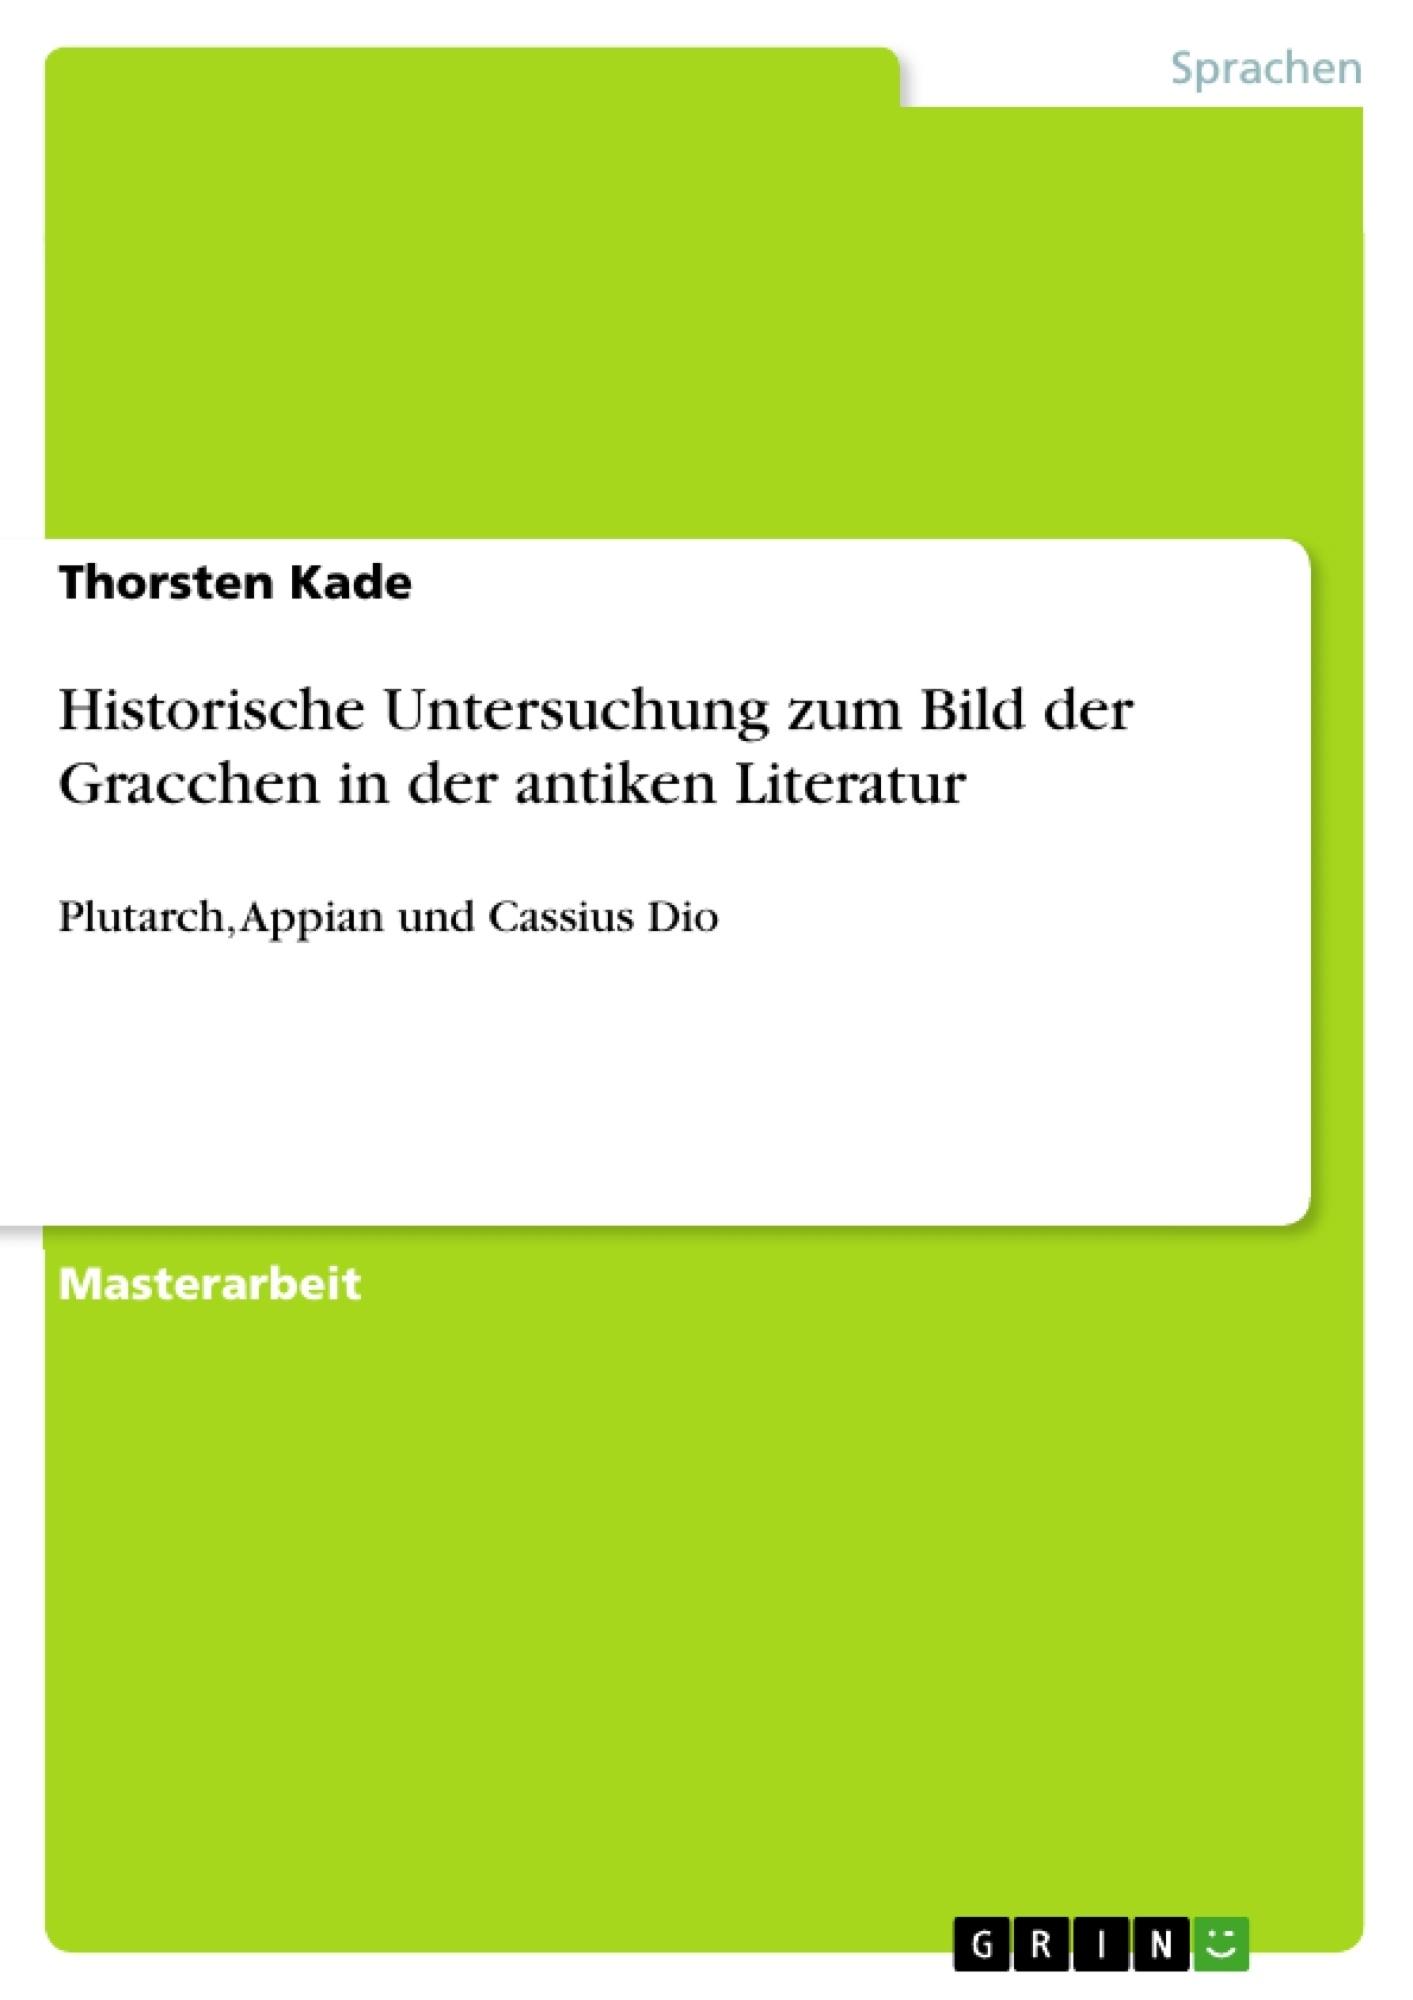 Titel: Historische Untersuchung zum Bild der Gracchen in der antiken Literatur